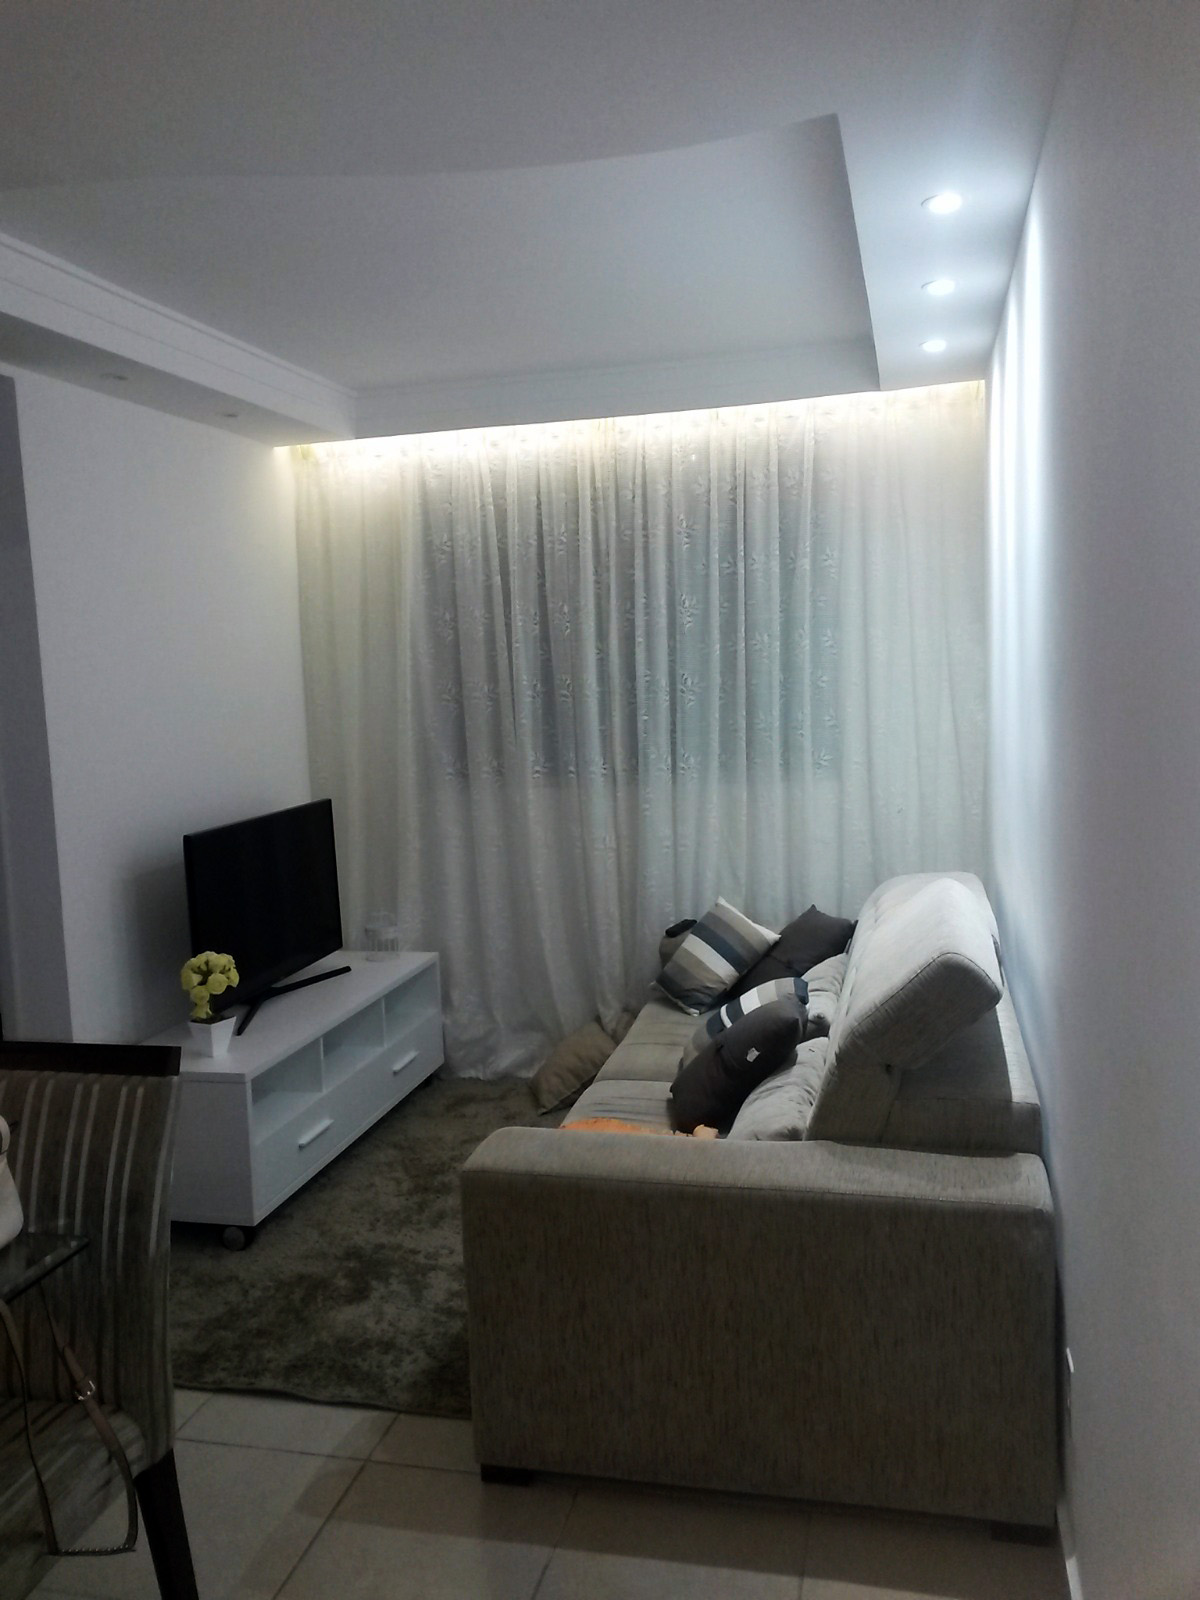 Gesso Sancas e Iluminação DryWall Molduras de Gesso Geso Liso #5B6770 1200 1600